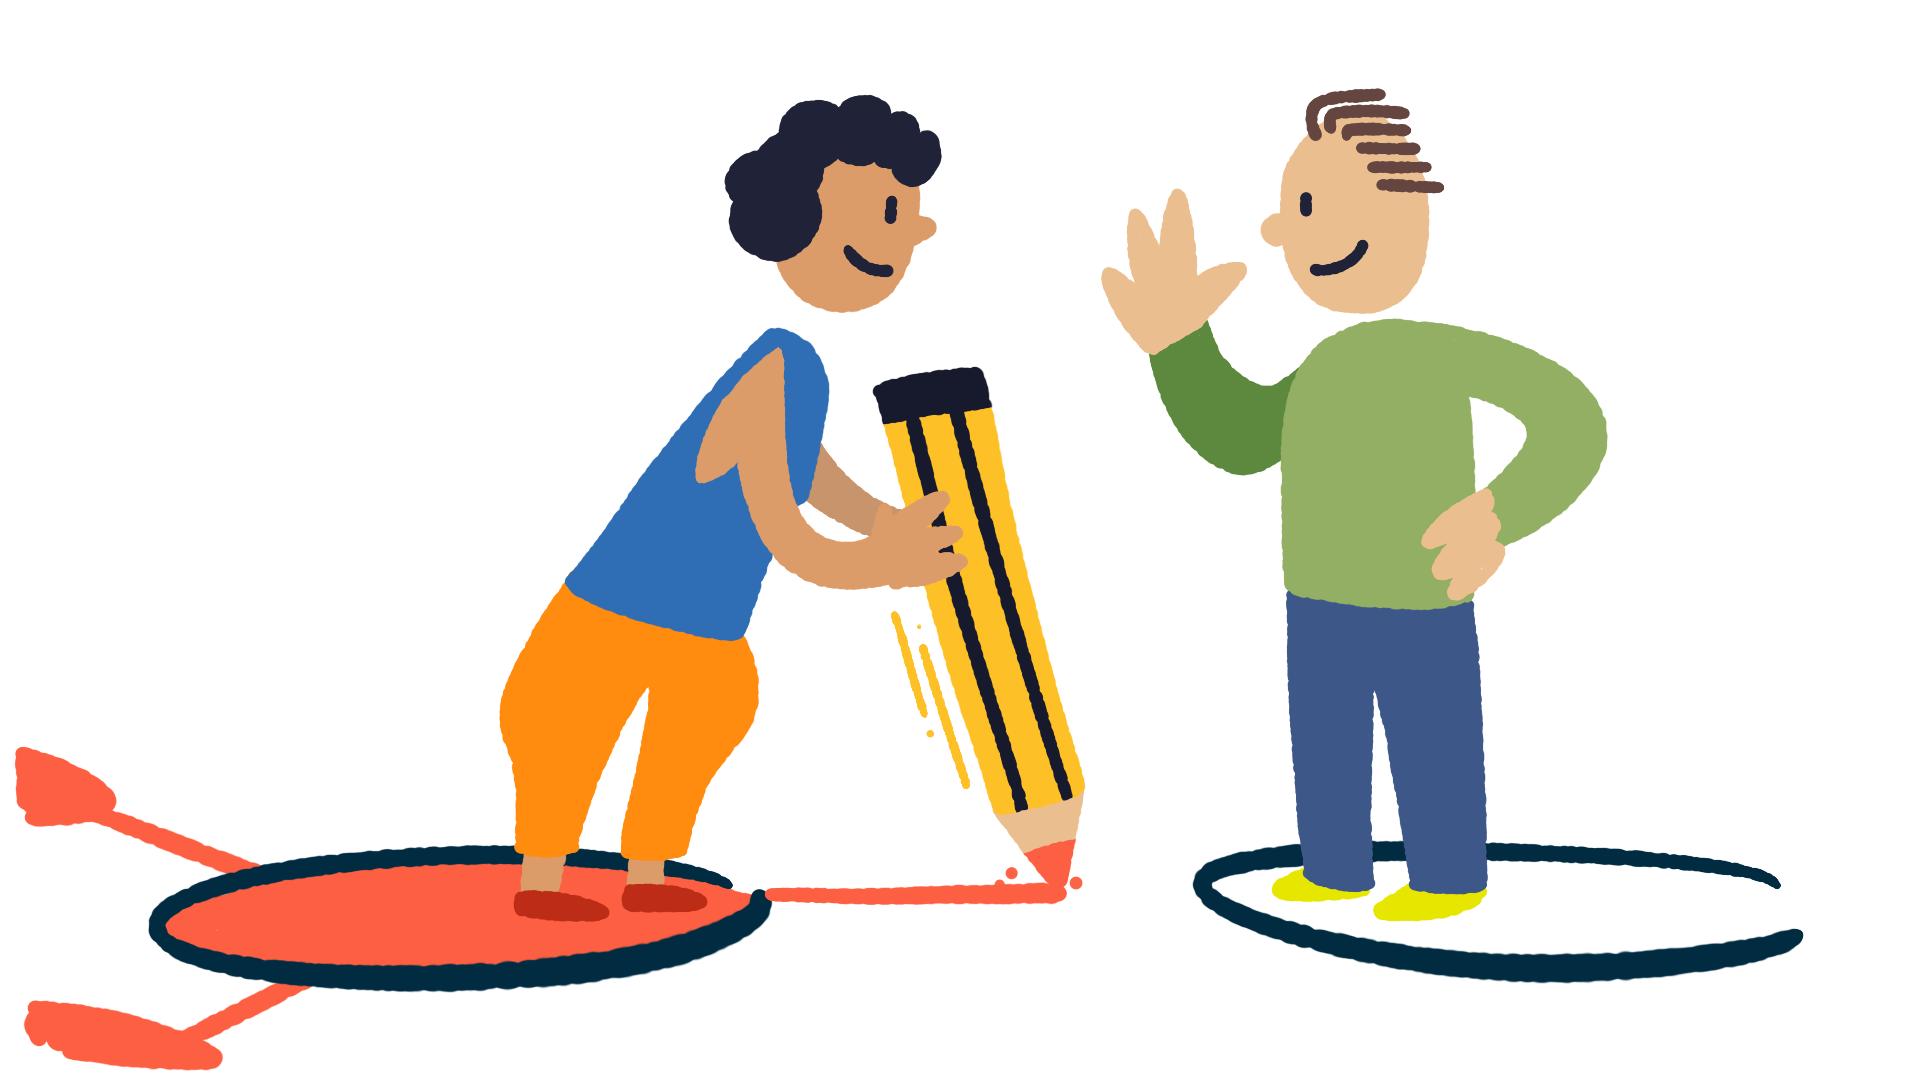 Ilustração de duas figuras. Ambas estão sobre círculos no chão. A figura da esquerda traça uma linha entre os dois círculos.